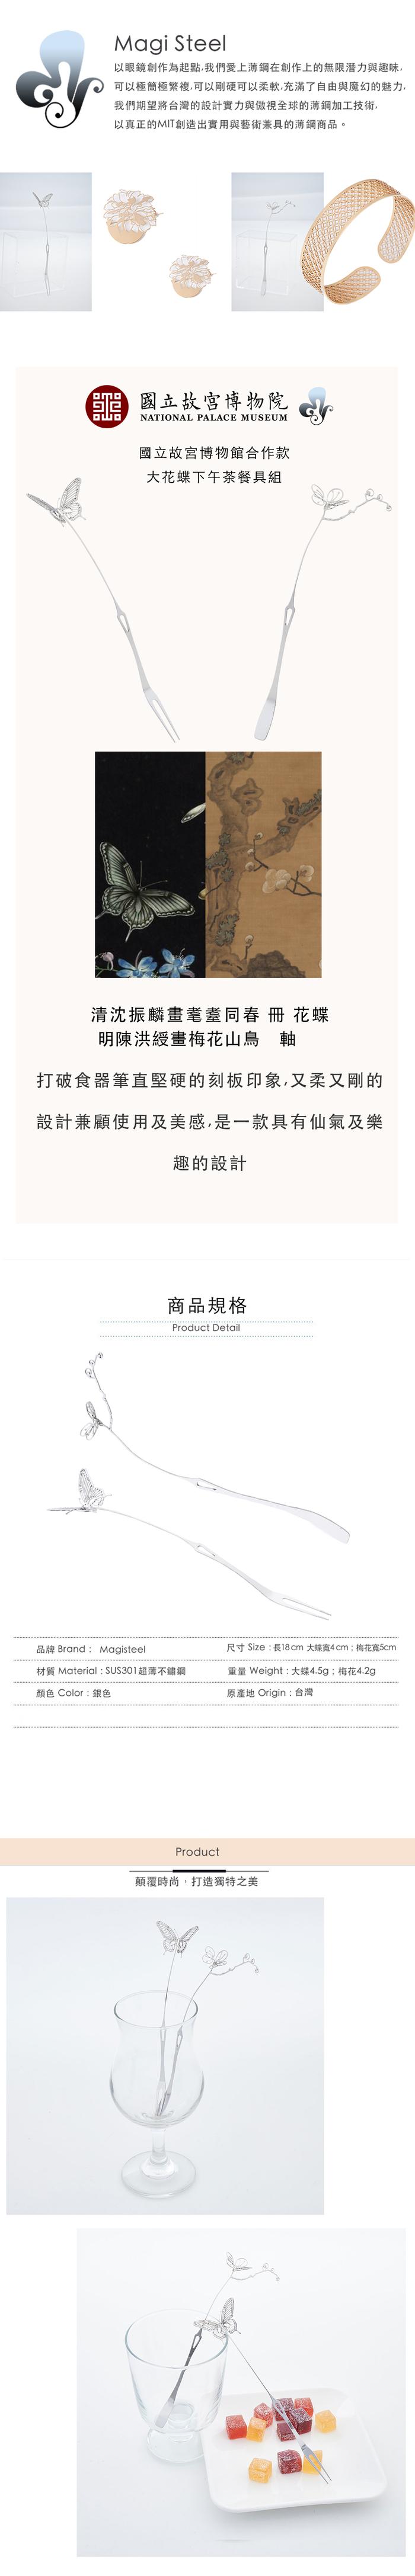 Magi-Steel 故宮聯名商品 大花蝶下午茶餐具組